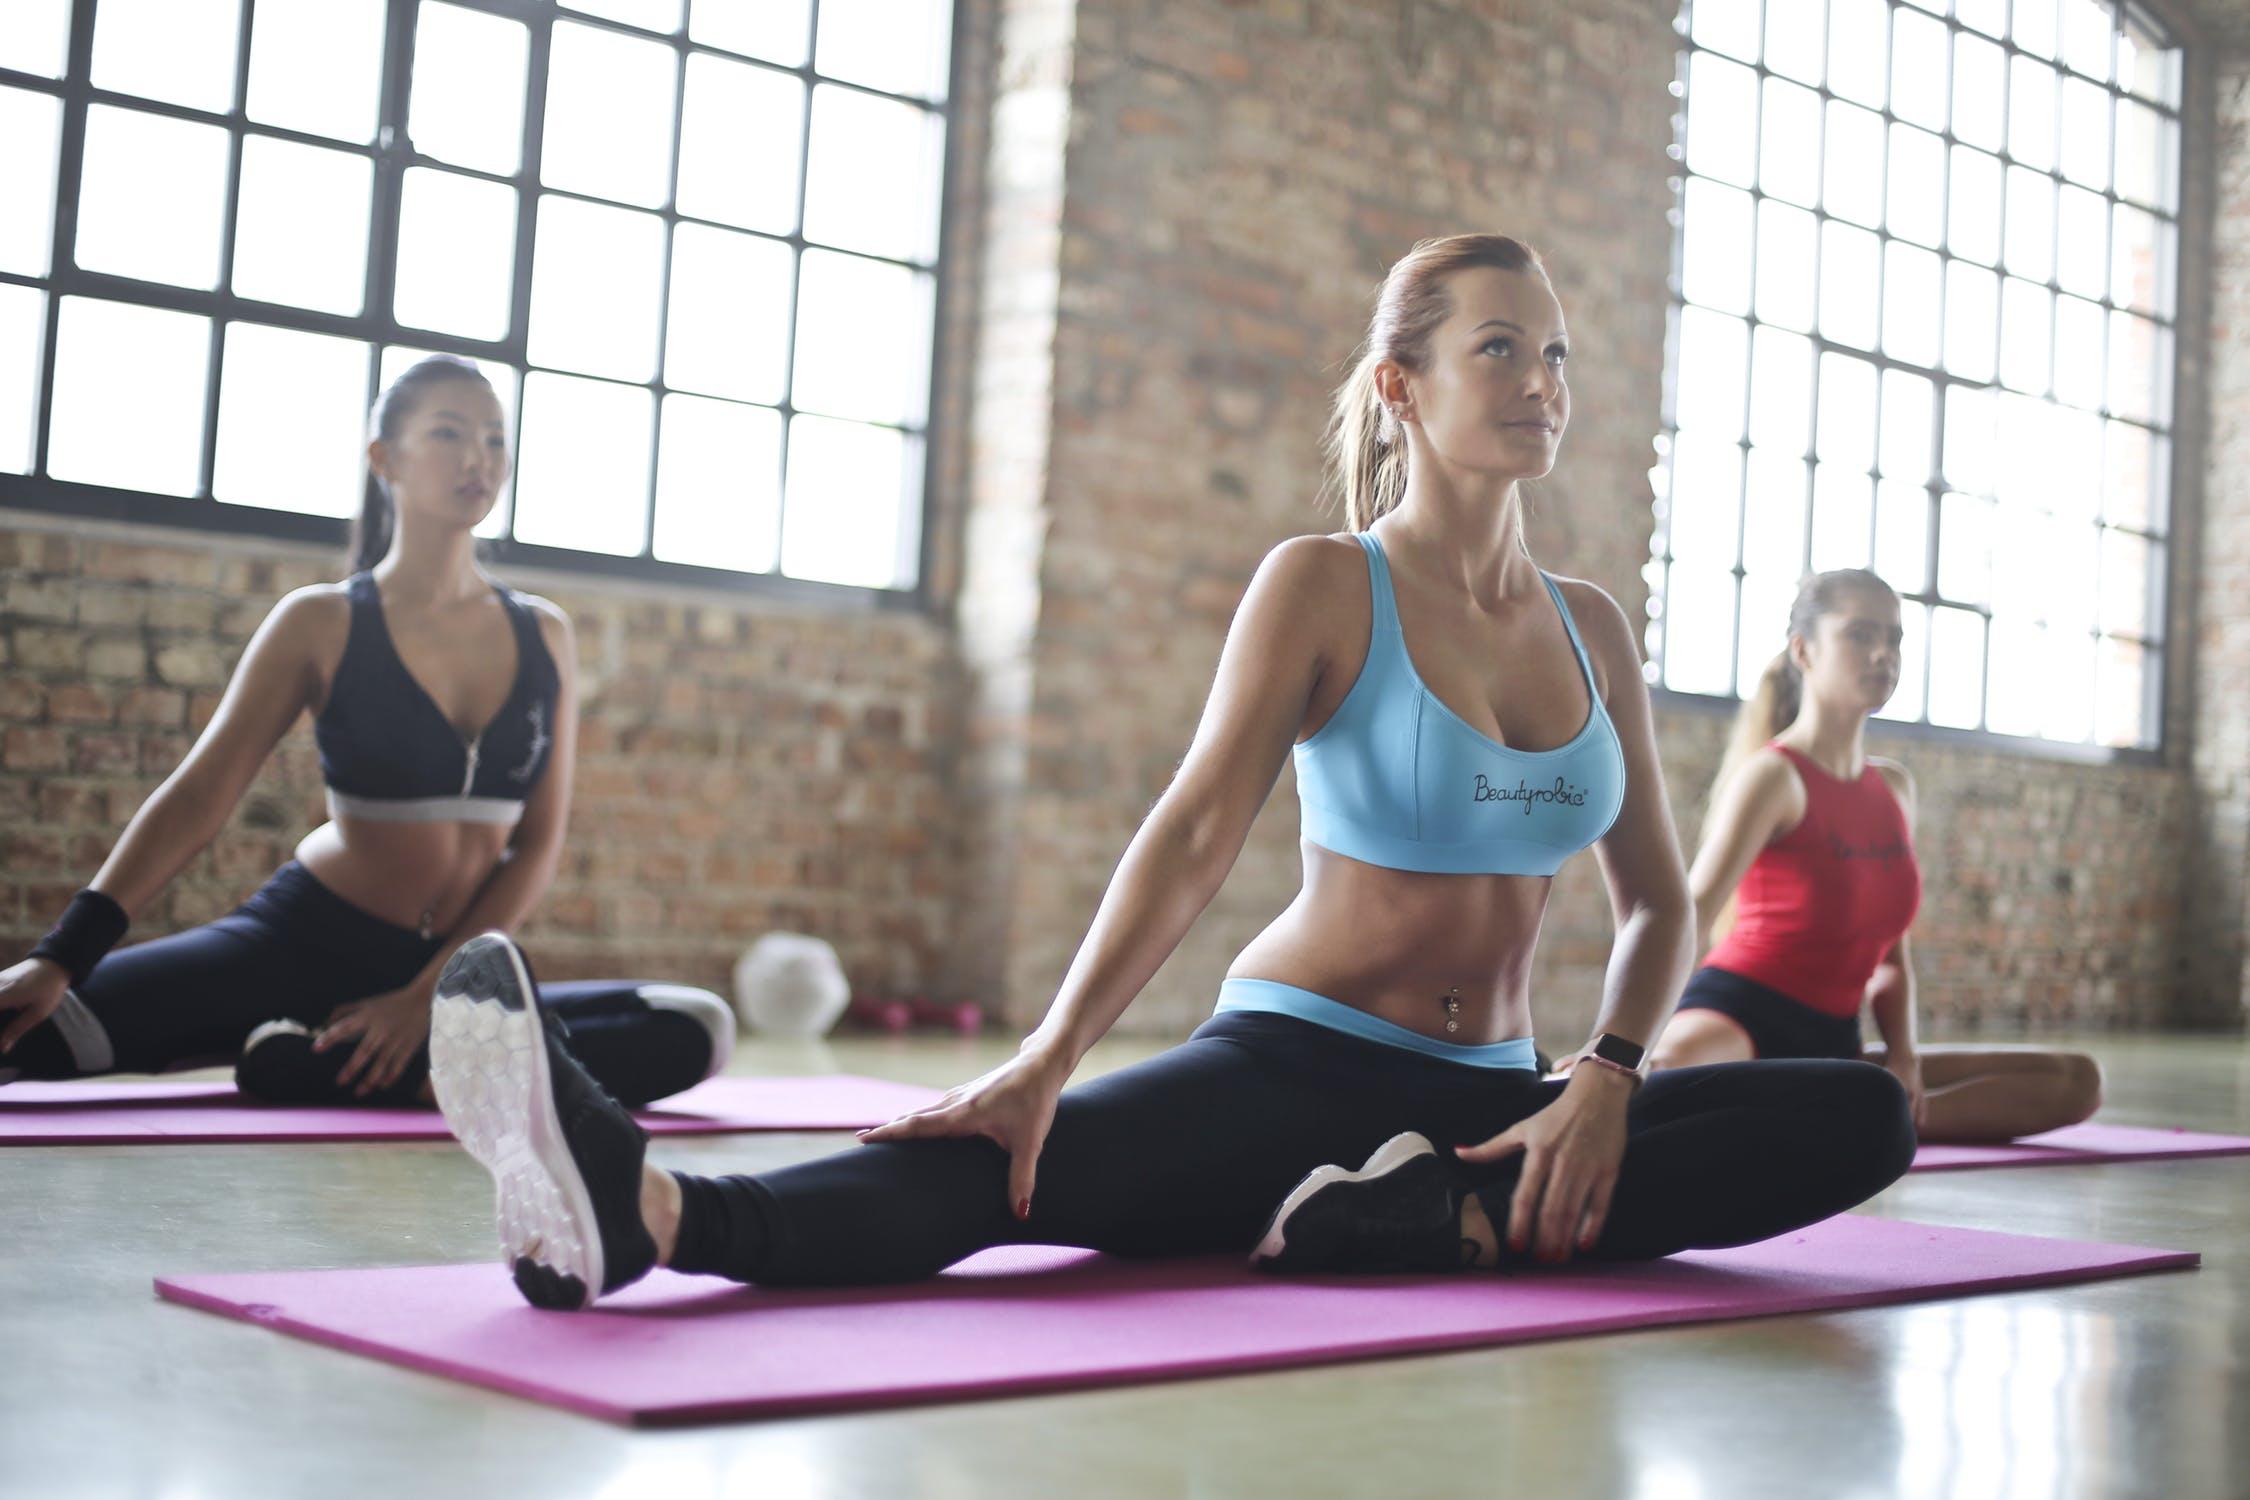 Zaměstnanci cvičí jógu v průběhu pracovního dne